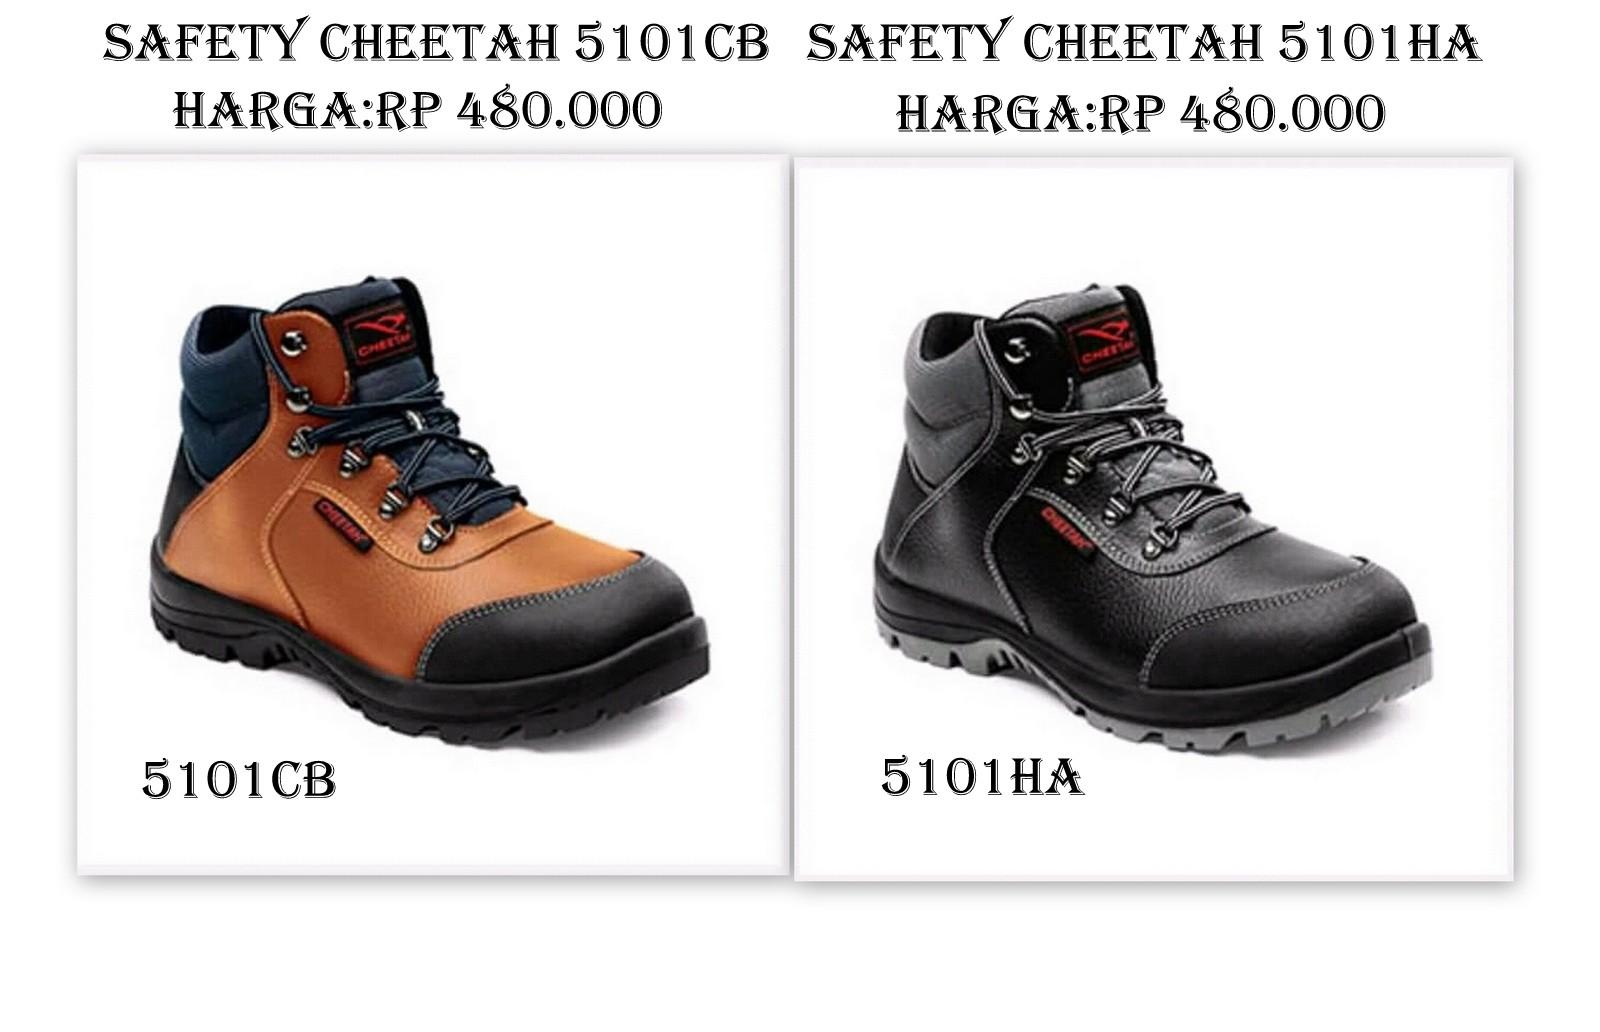 Cheetah 5101ha Safety Shoes Update Daftar Harga Terbaru Indonesia 7106ha Sepatu 7012h Source Bukti Pengiriman Udfitmoro